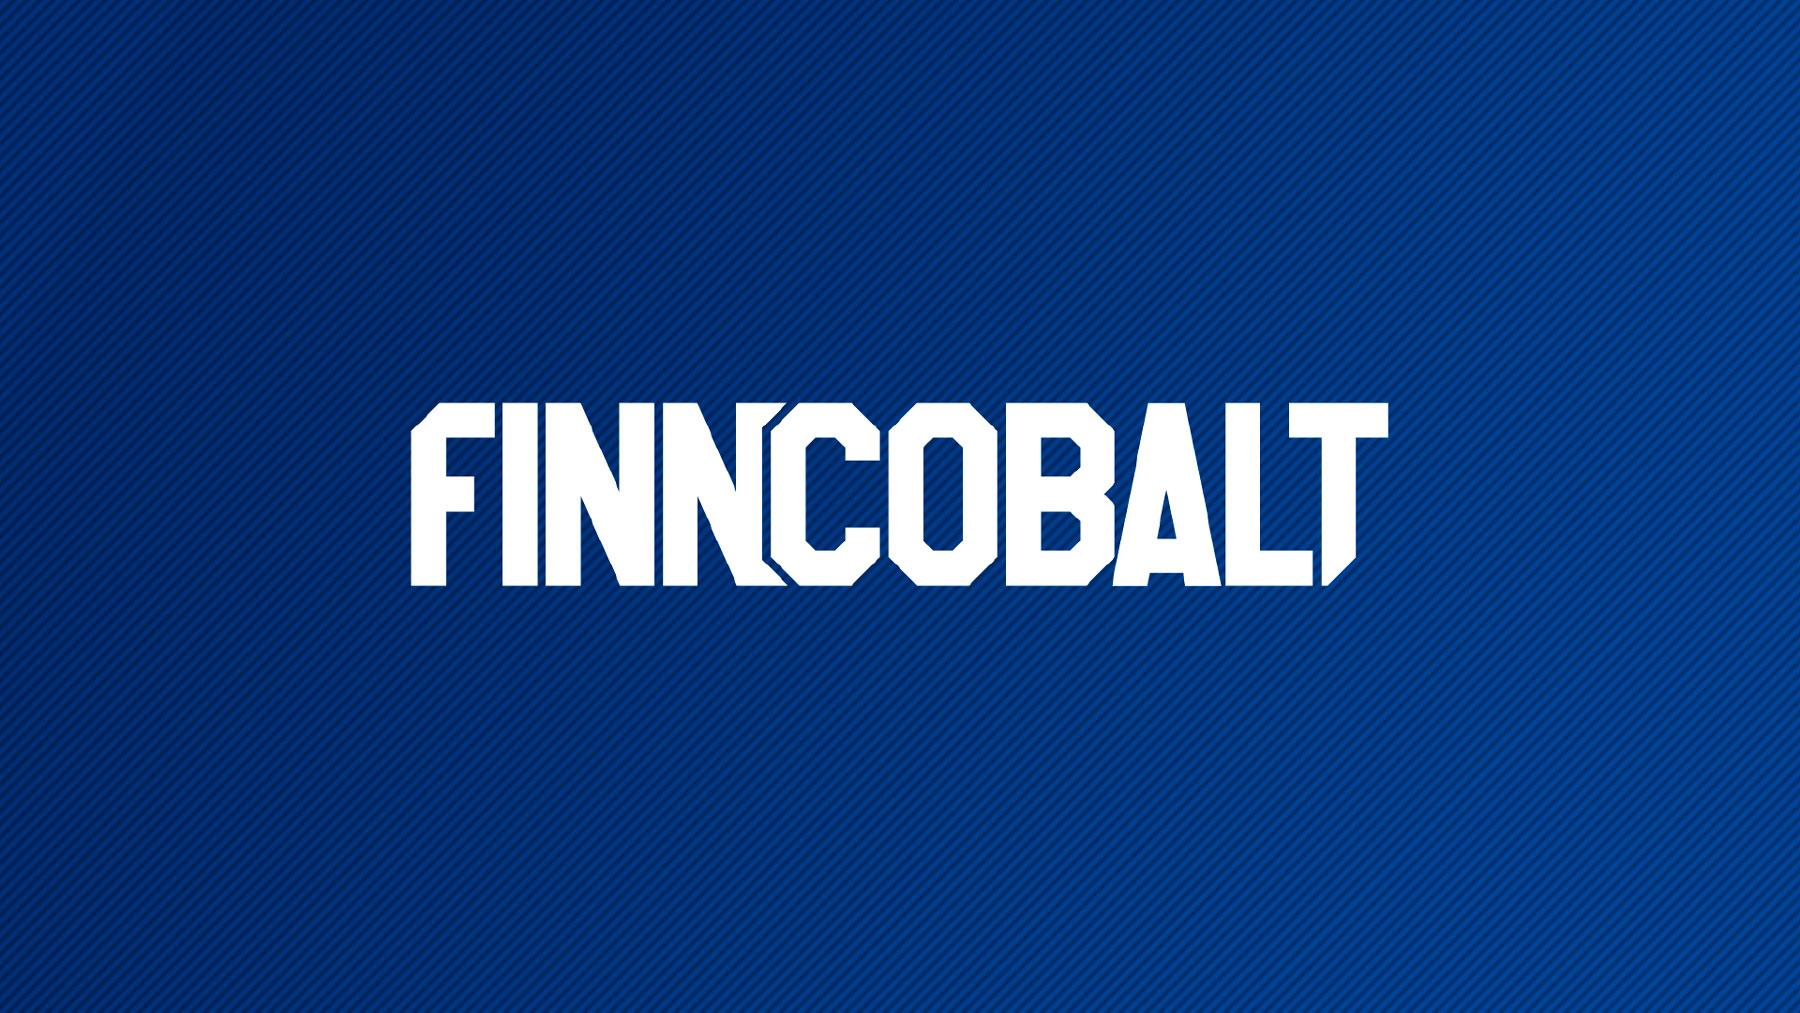 antibox finncobalt logo